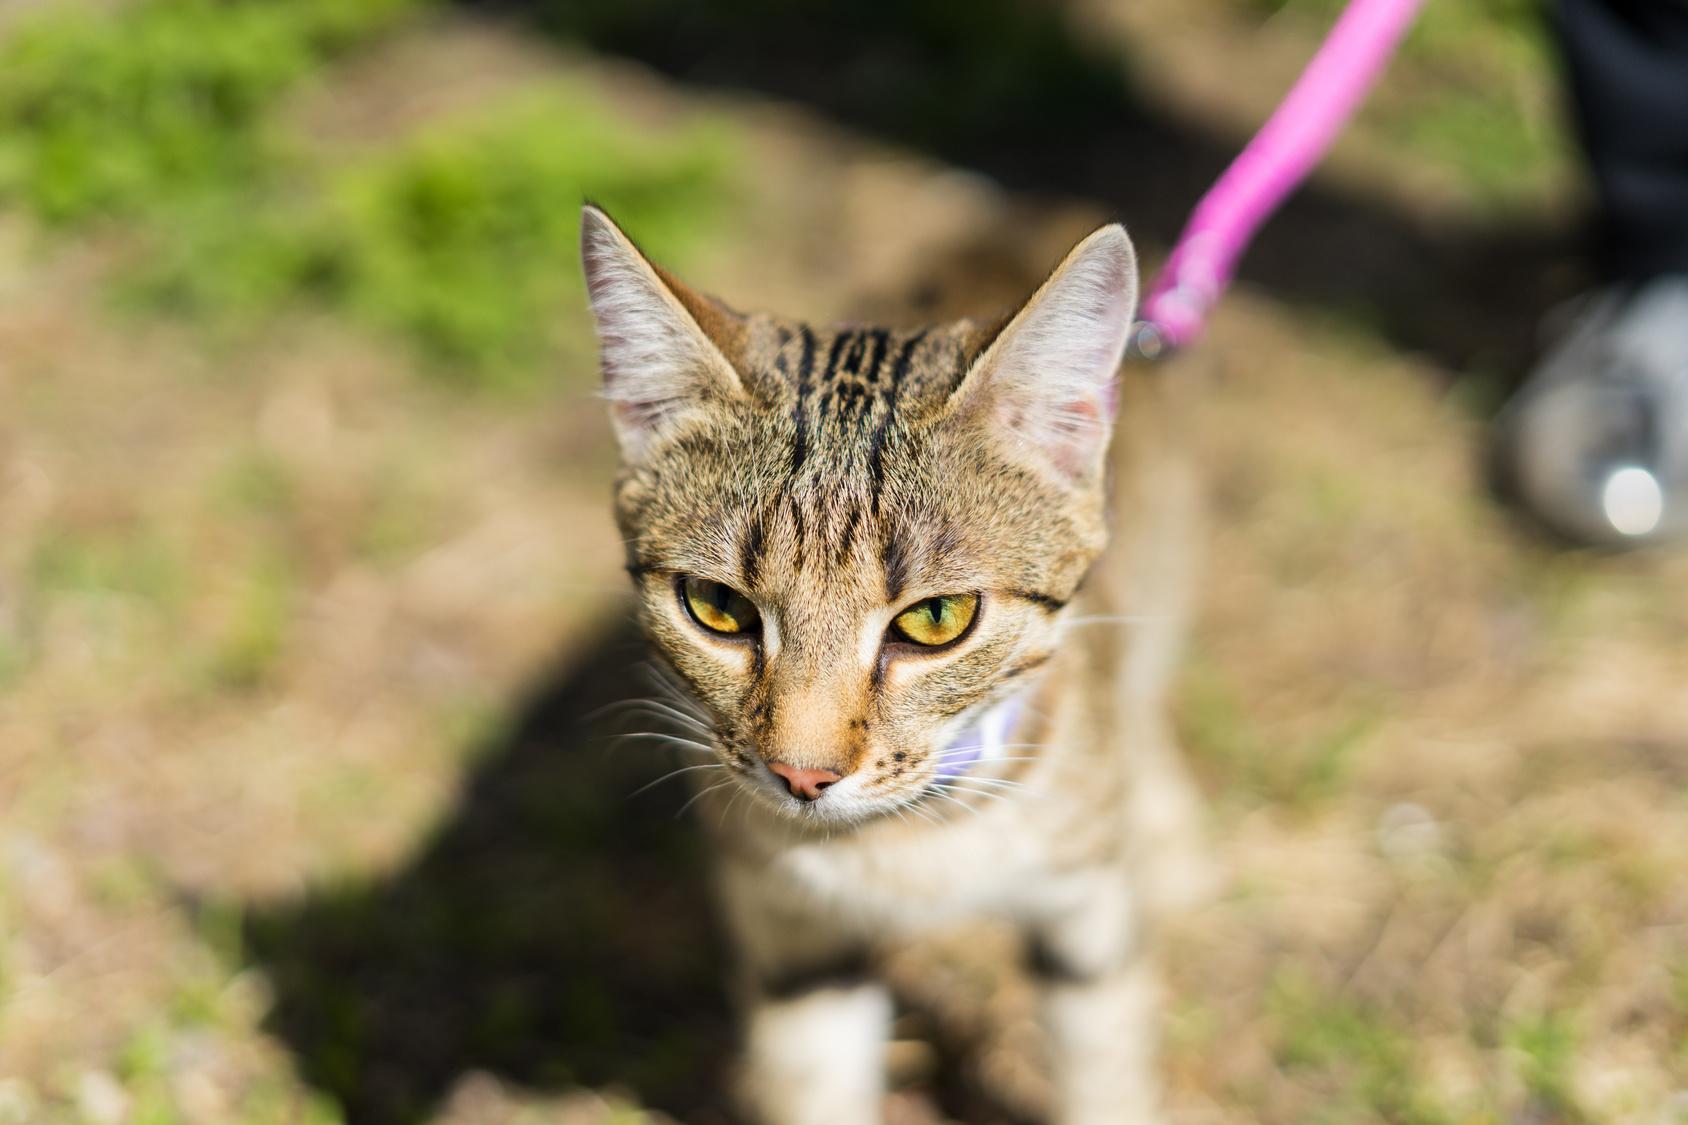 室内で飼っている猫もお外に出たい!猫に散歩の仕方をしつけよう